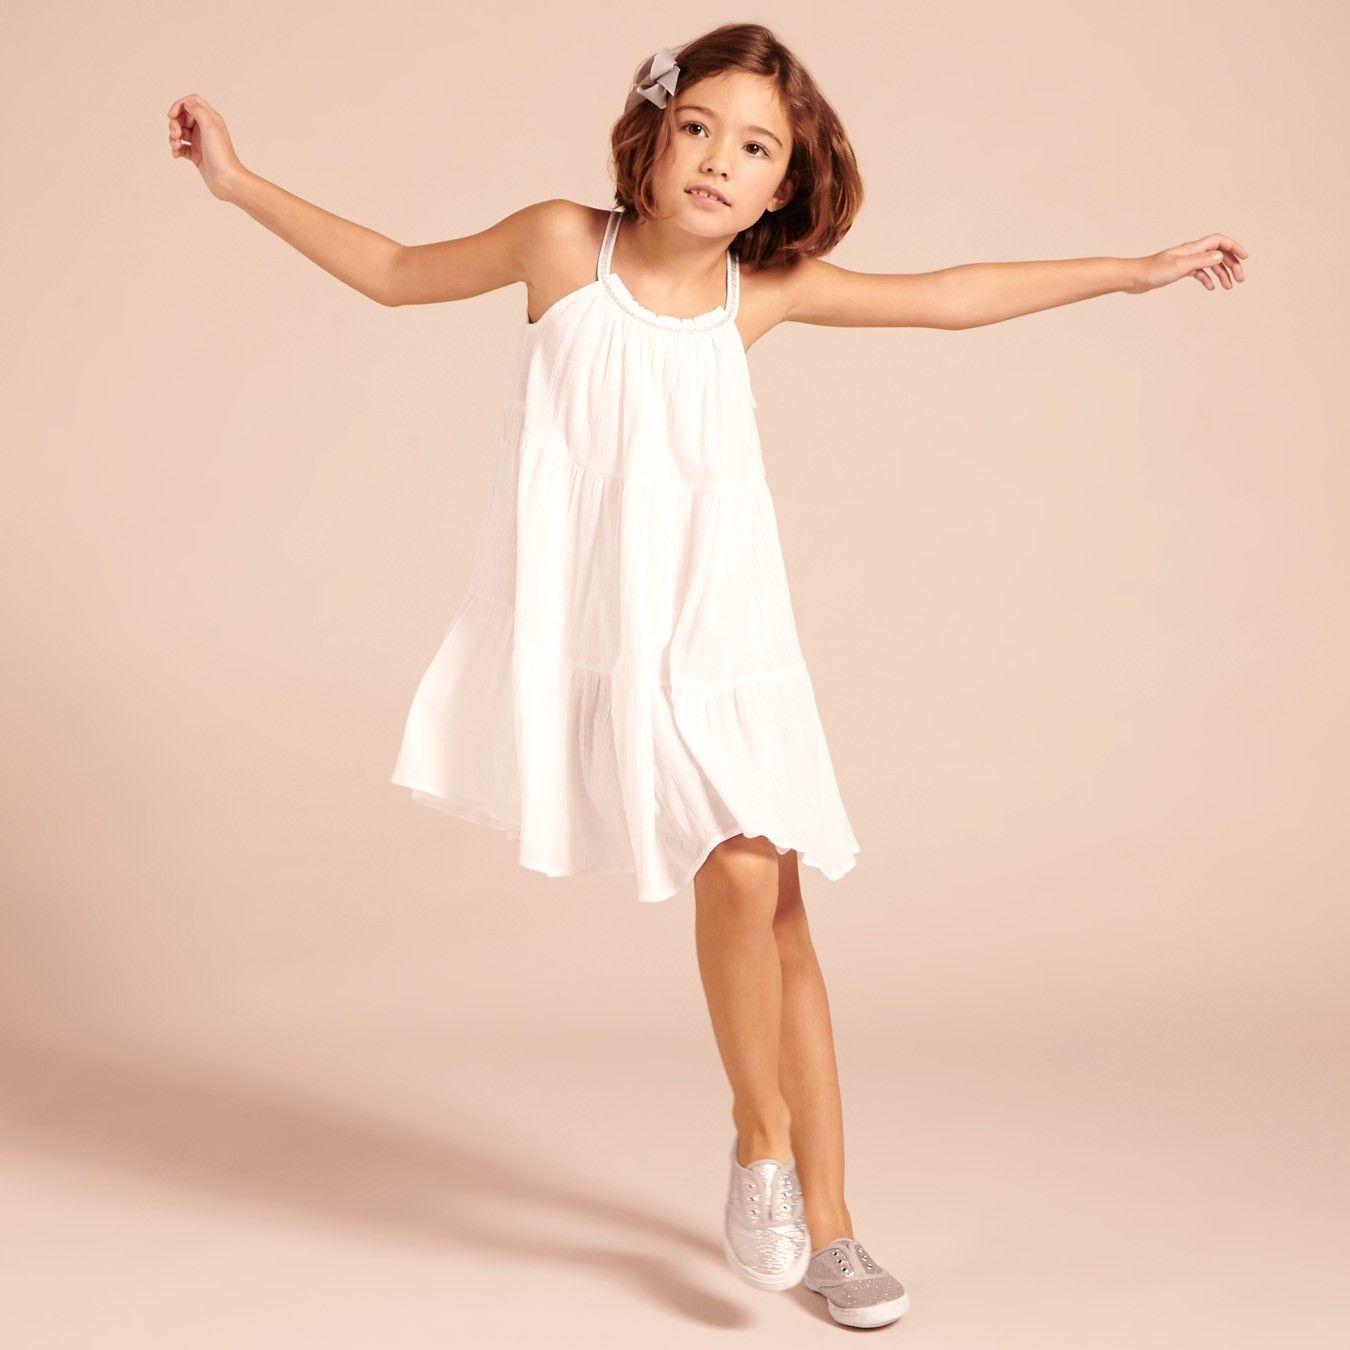 Beneras Dress - White - Girls Partywear - Girls 2-15YRS